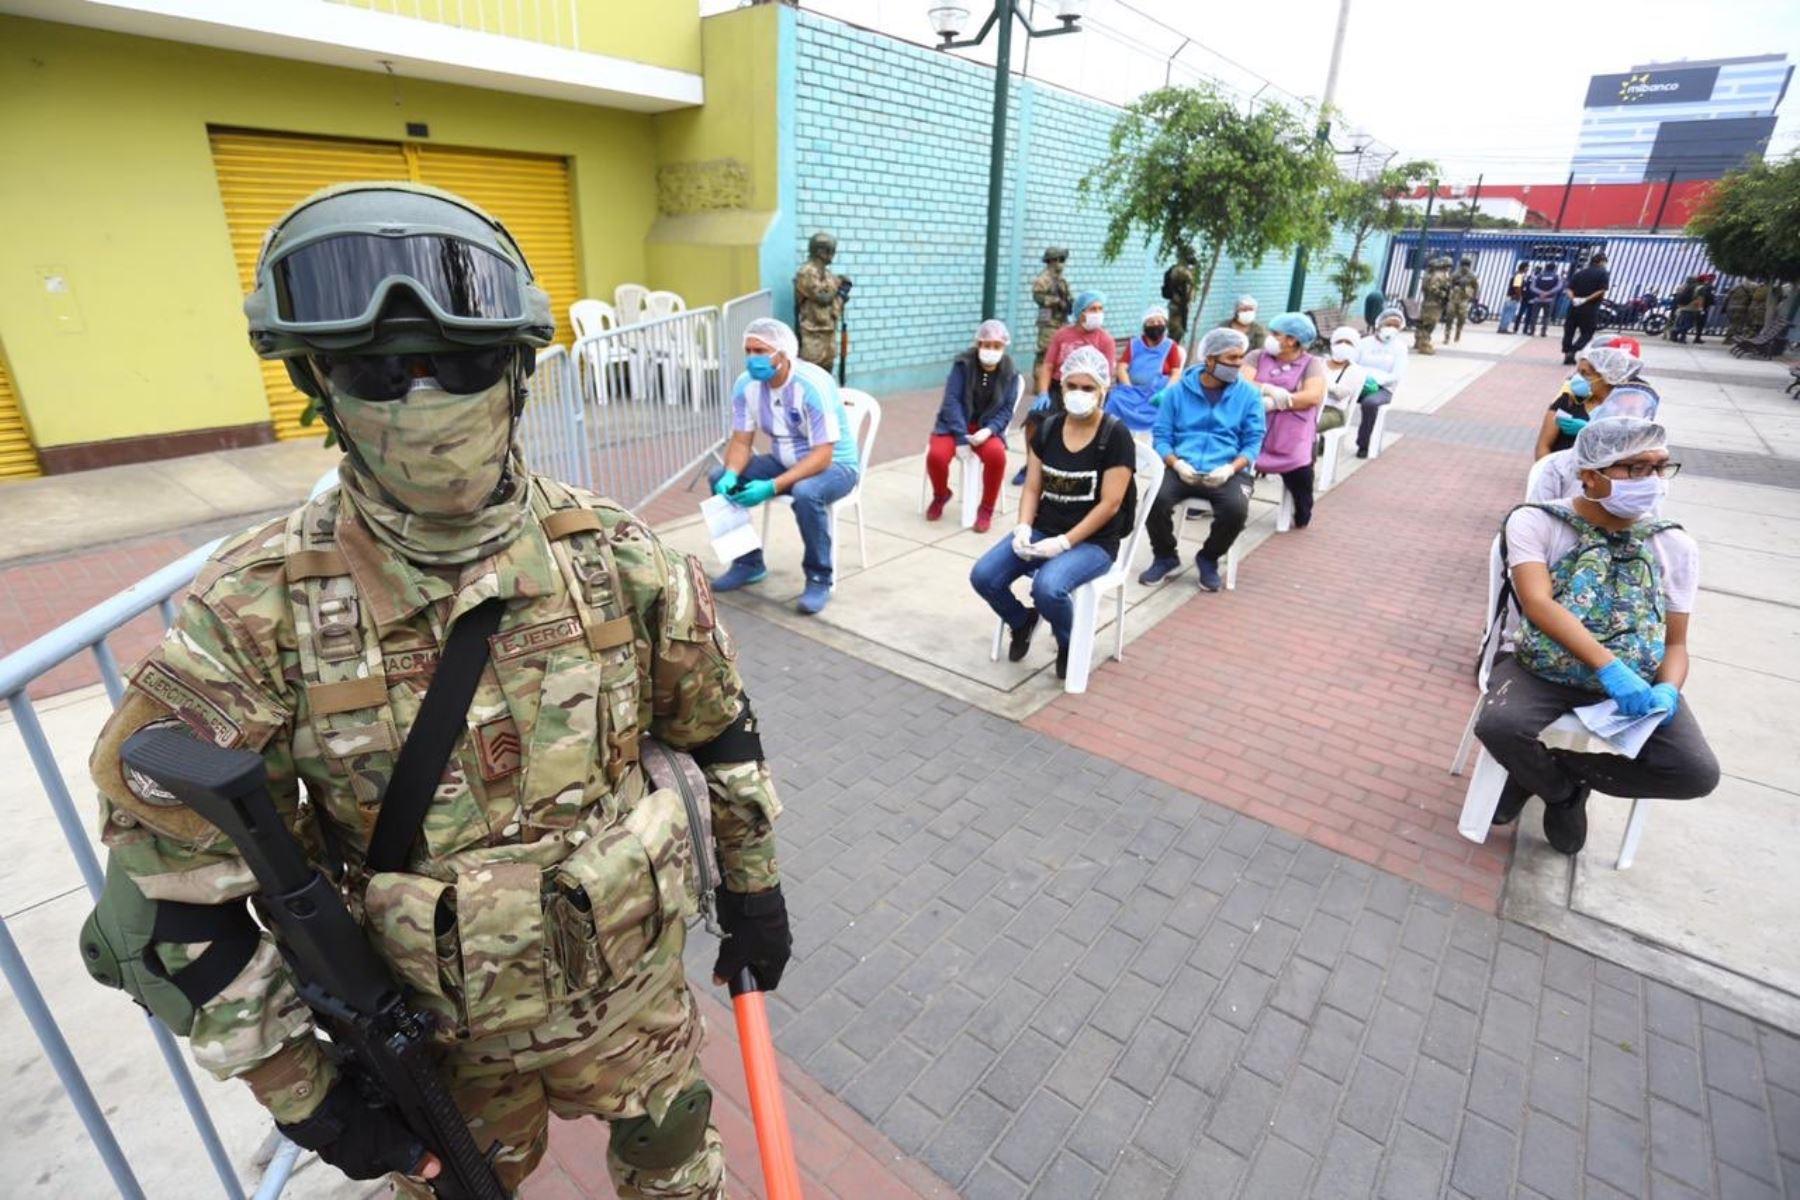 """Los operativos del Grupo """"Te Cuido Perú"""" continúan para detectar personas con coronavirus. En coordinación con Minagri y el Minsa, esta vez la intervención se realiza en el mercado San Felipe de Surquillo, donde se vienen tomando pruebas de coronavirus. ANDINA/Mindef"""